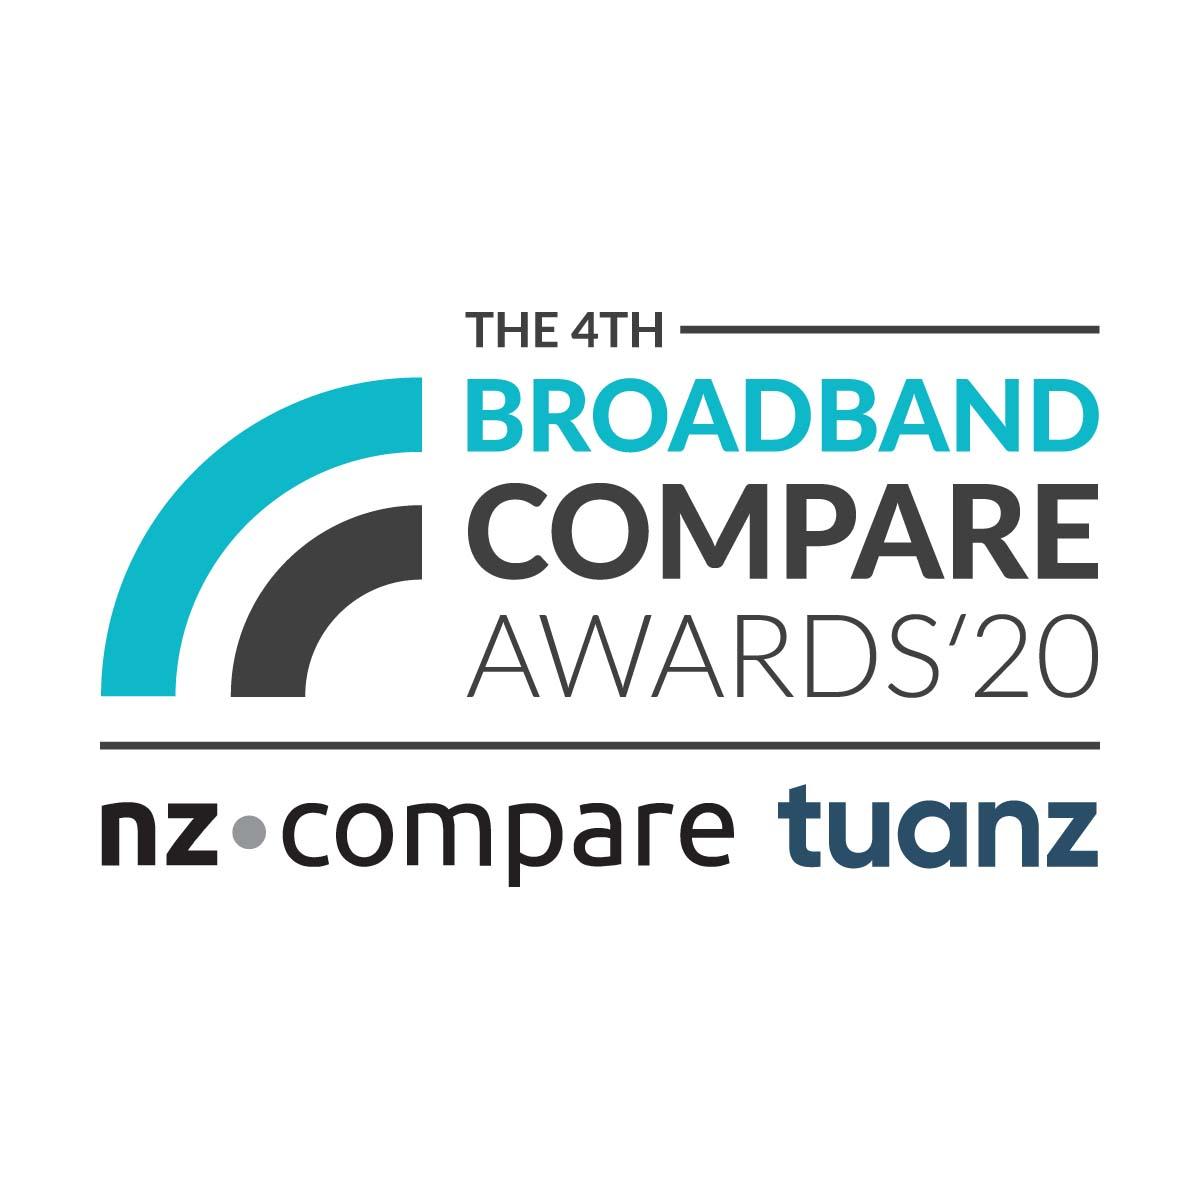 Broadband Compare Awards 2020